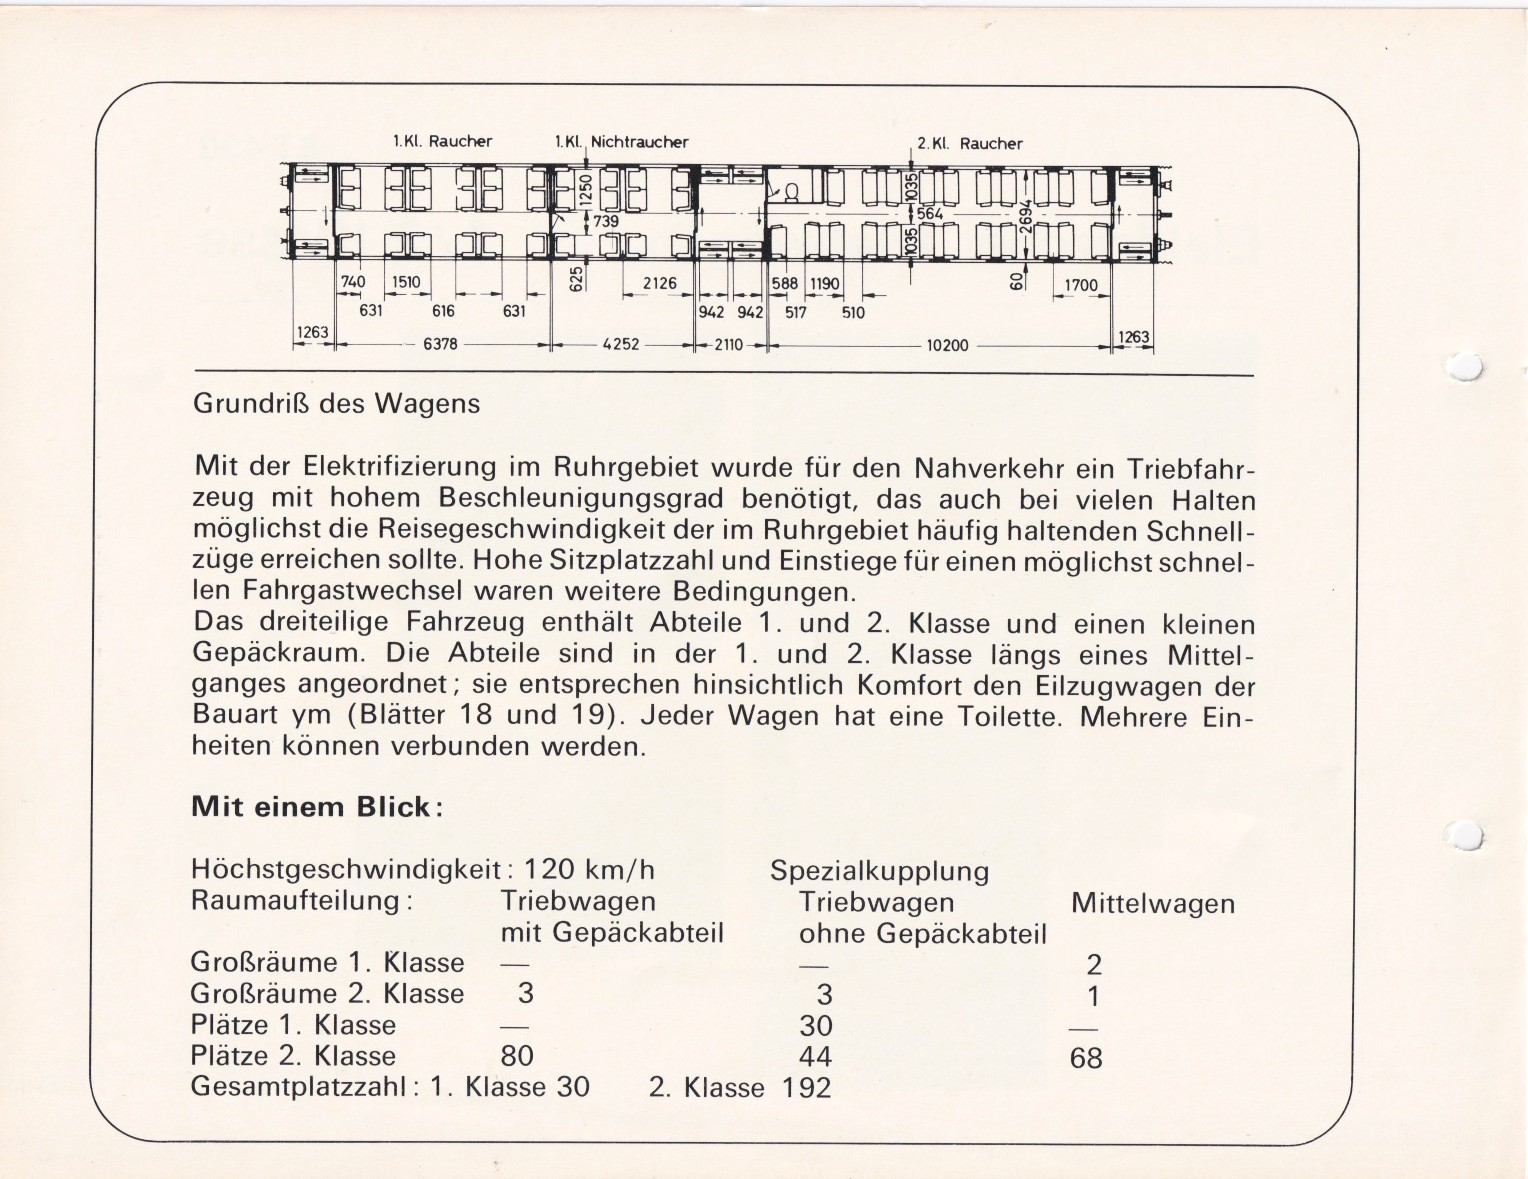 https://www.nullclub.de/hifo/Fahrzeuglexikon/Wagen46d.jpg